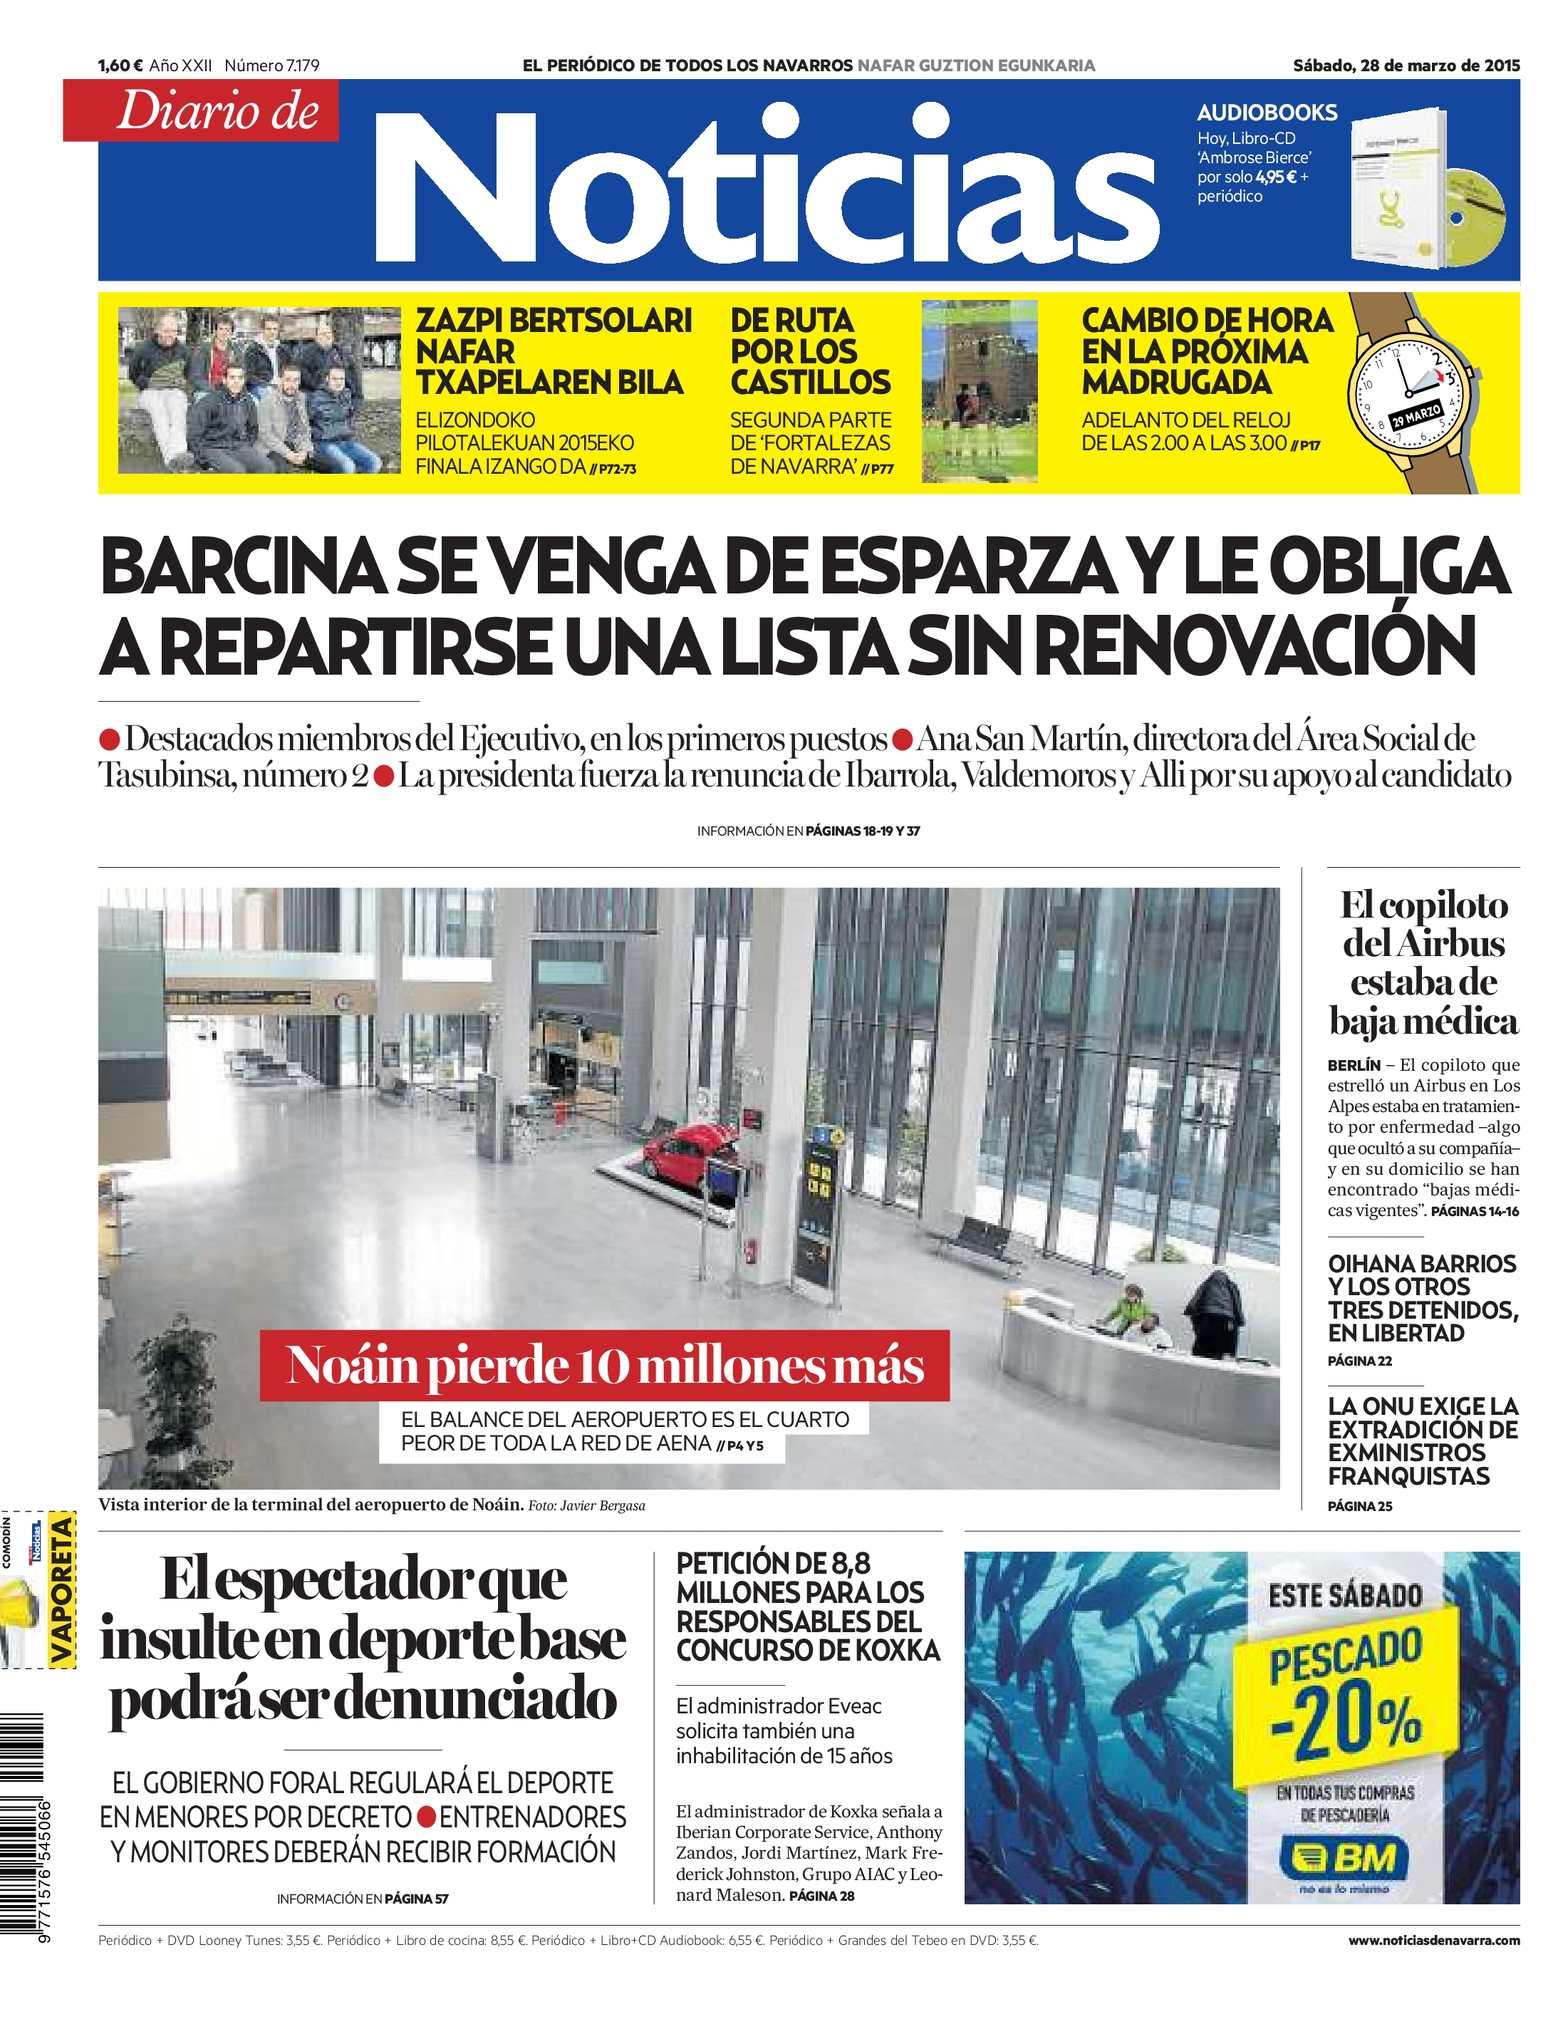 Calaméo - Diario de Noticias 20150328 f8aeeacd99ee1